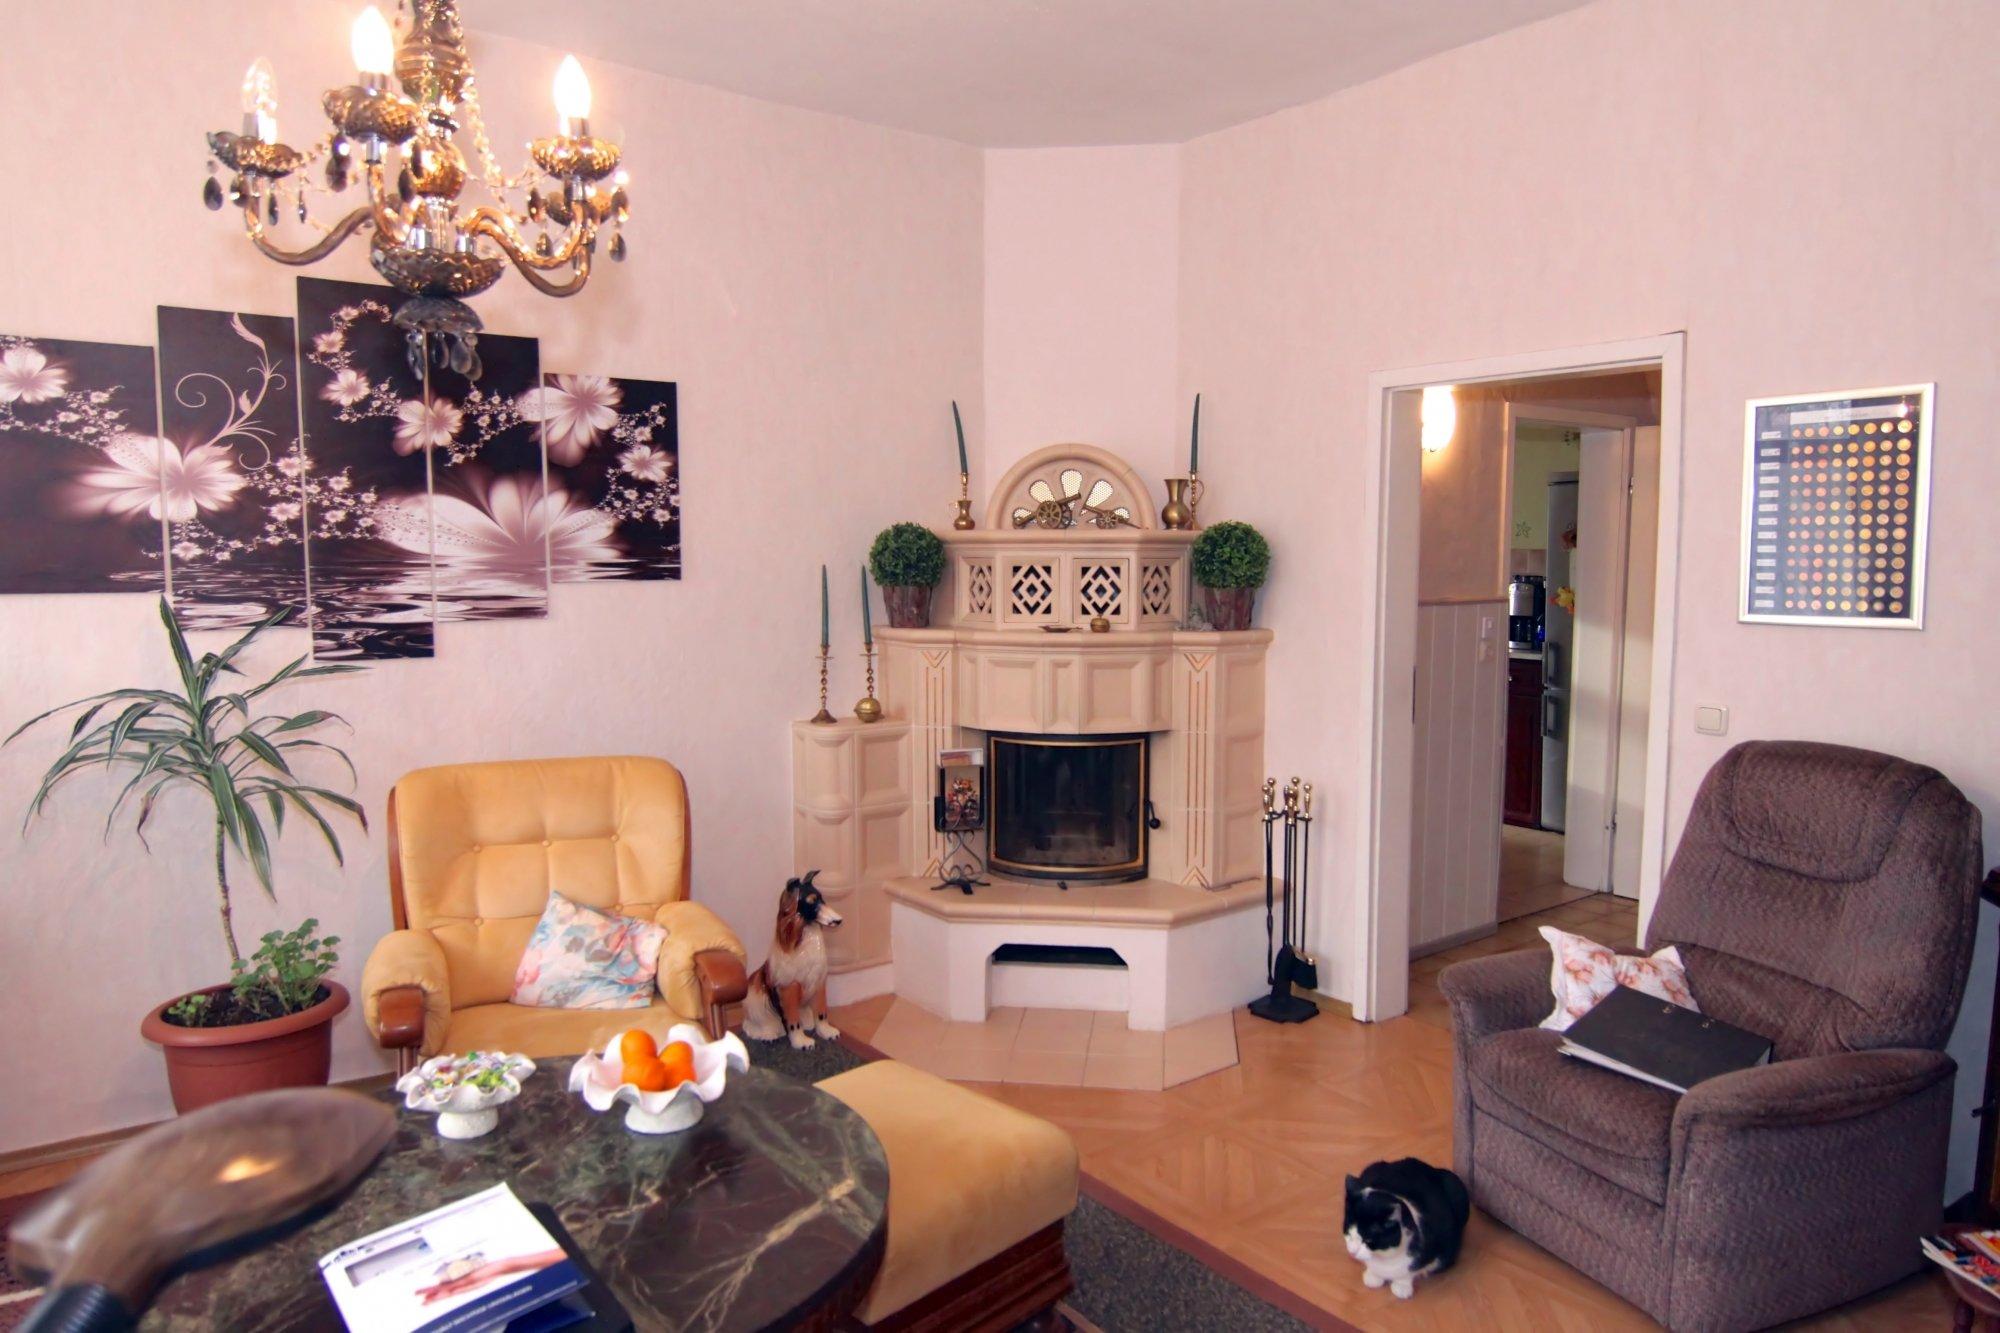 Wohnzimmer mit schicken Kamin